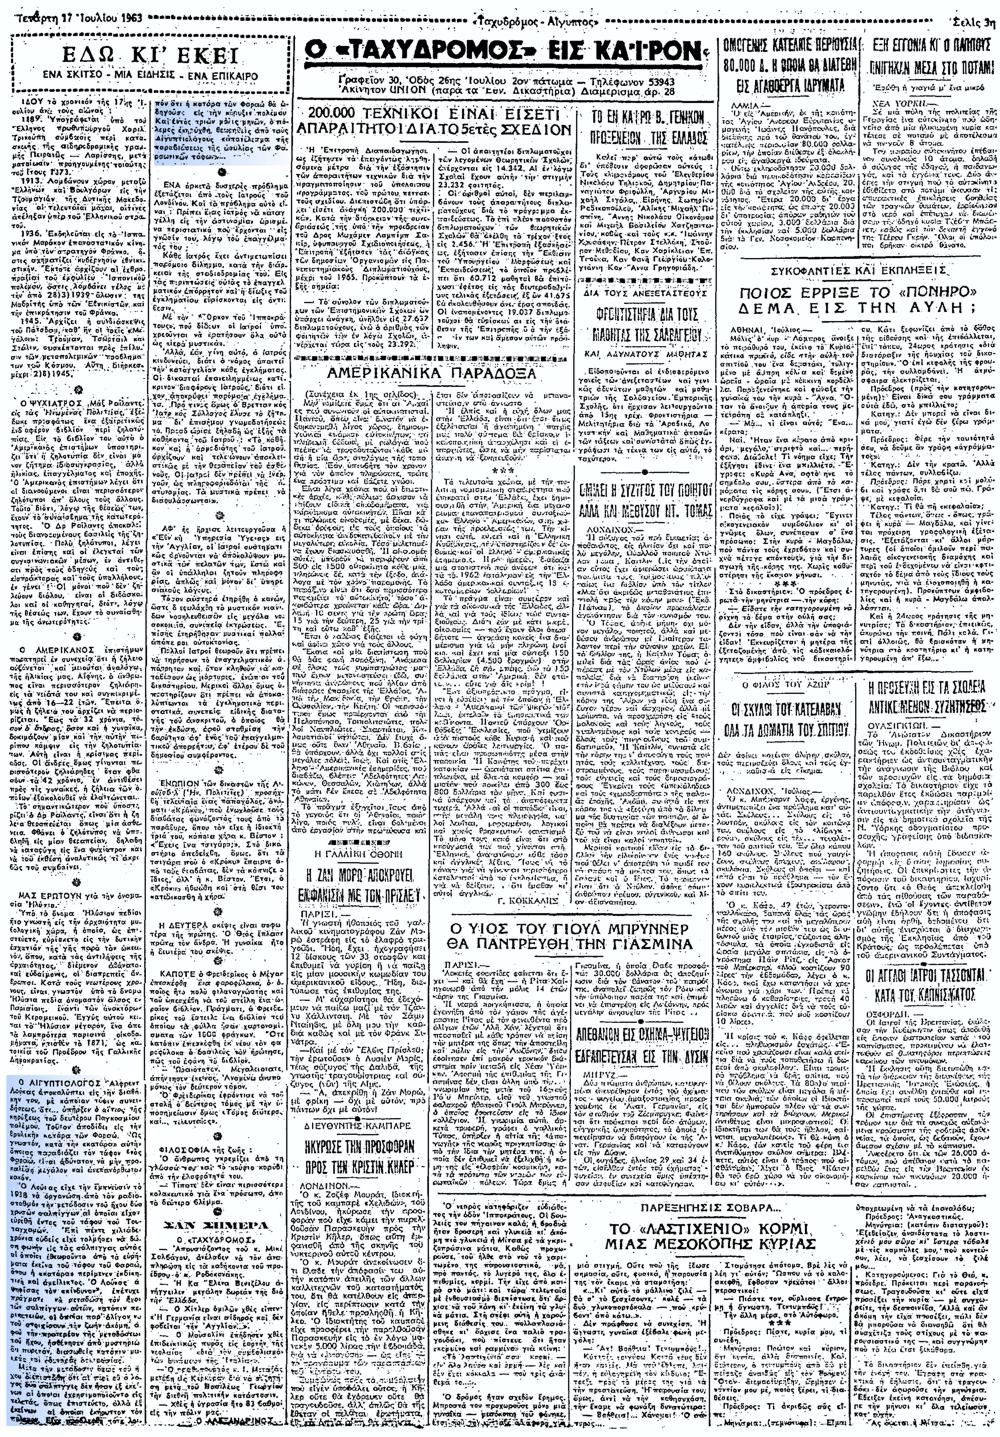 """Το άρθρο, όπως δημοσιεύθηκε στην  εφημερίδα """"ΤΑΧΥΔΡΟΜΟΣ"""",  στις 17/07/1963"""